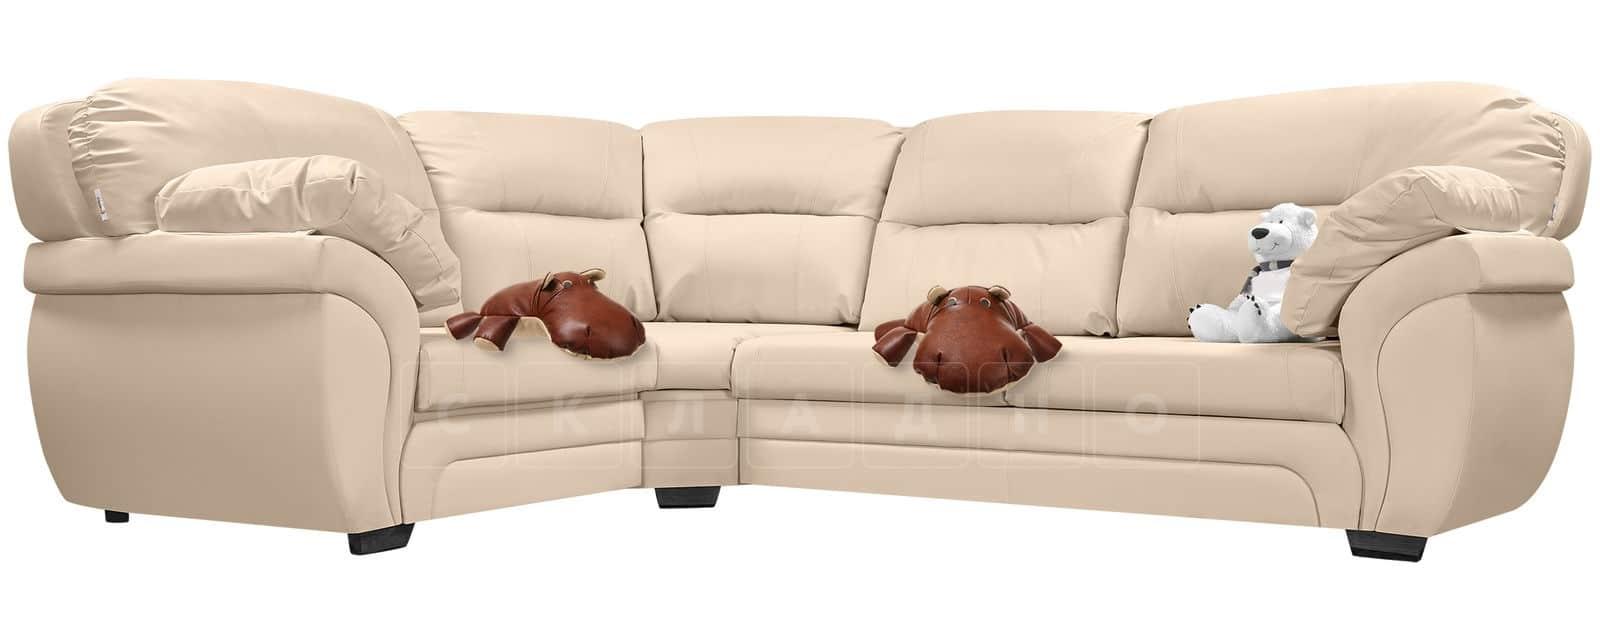 Диван угловой Бристоль кожаный бежевого цвета левый угол фото 5 | интернет-магазин Складно